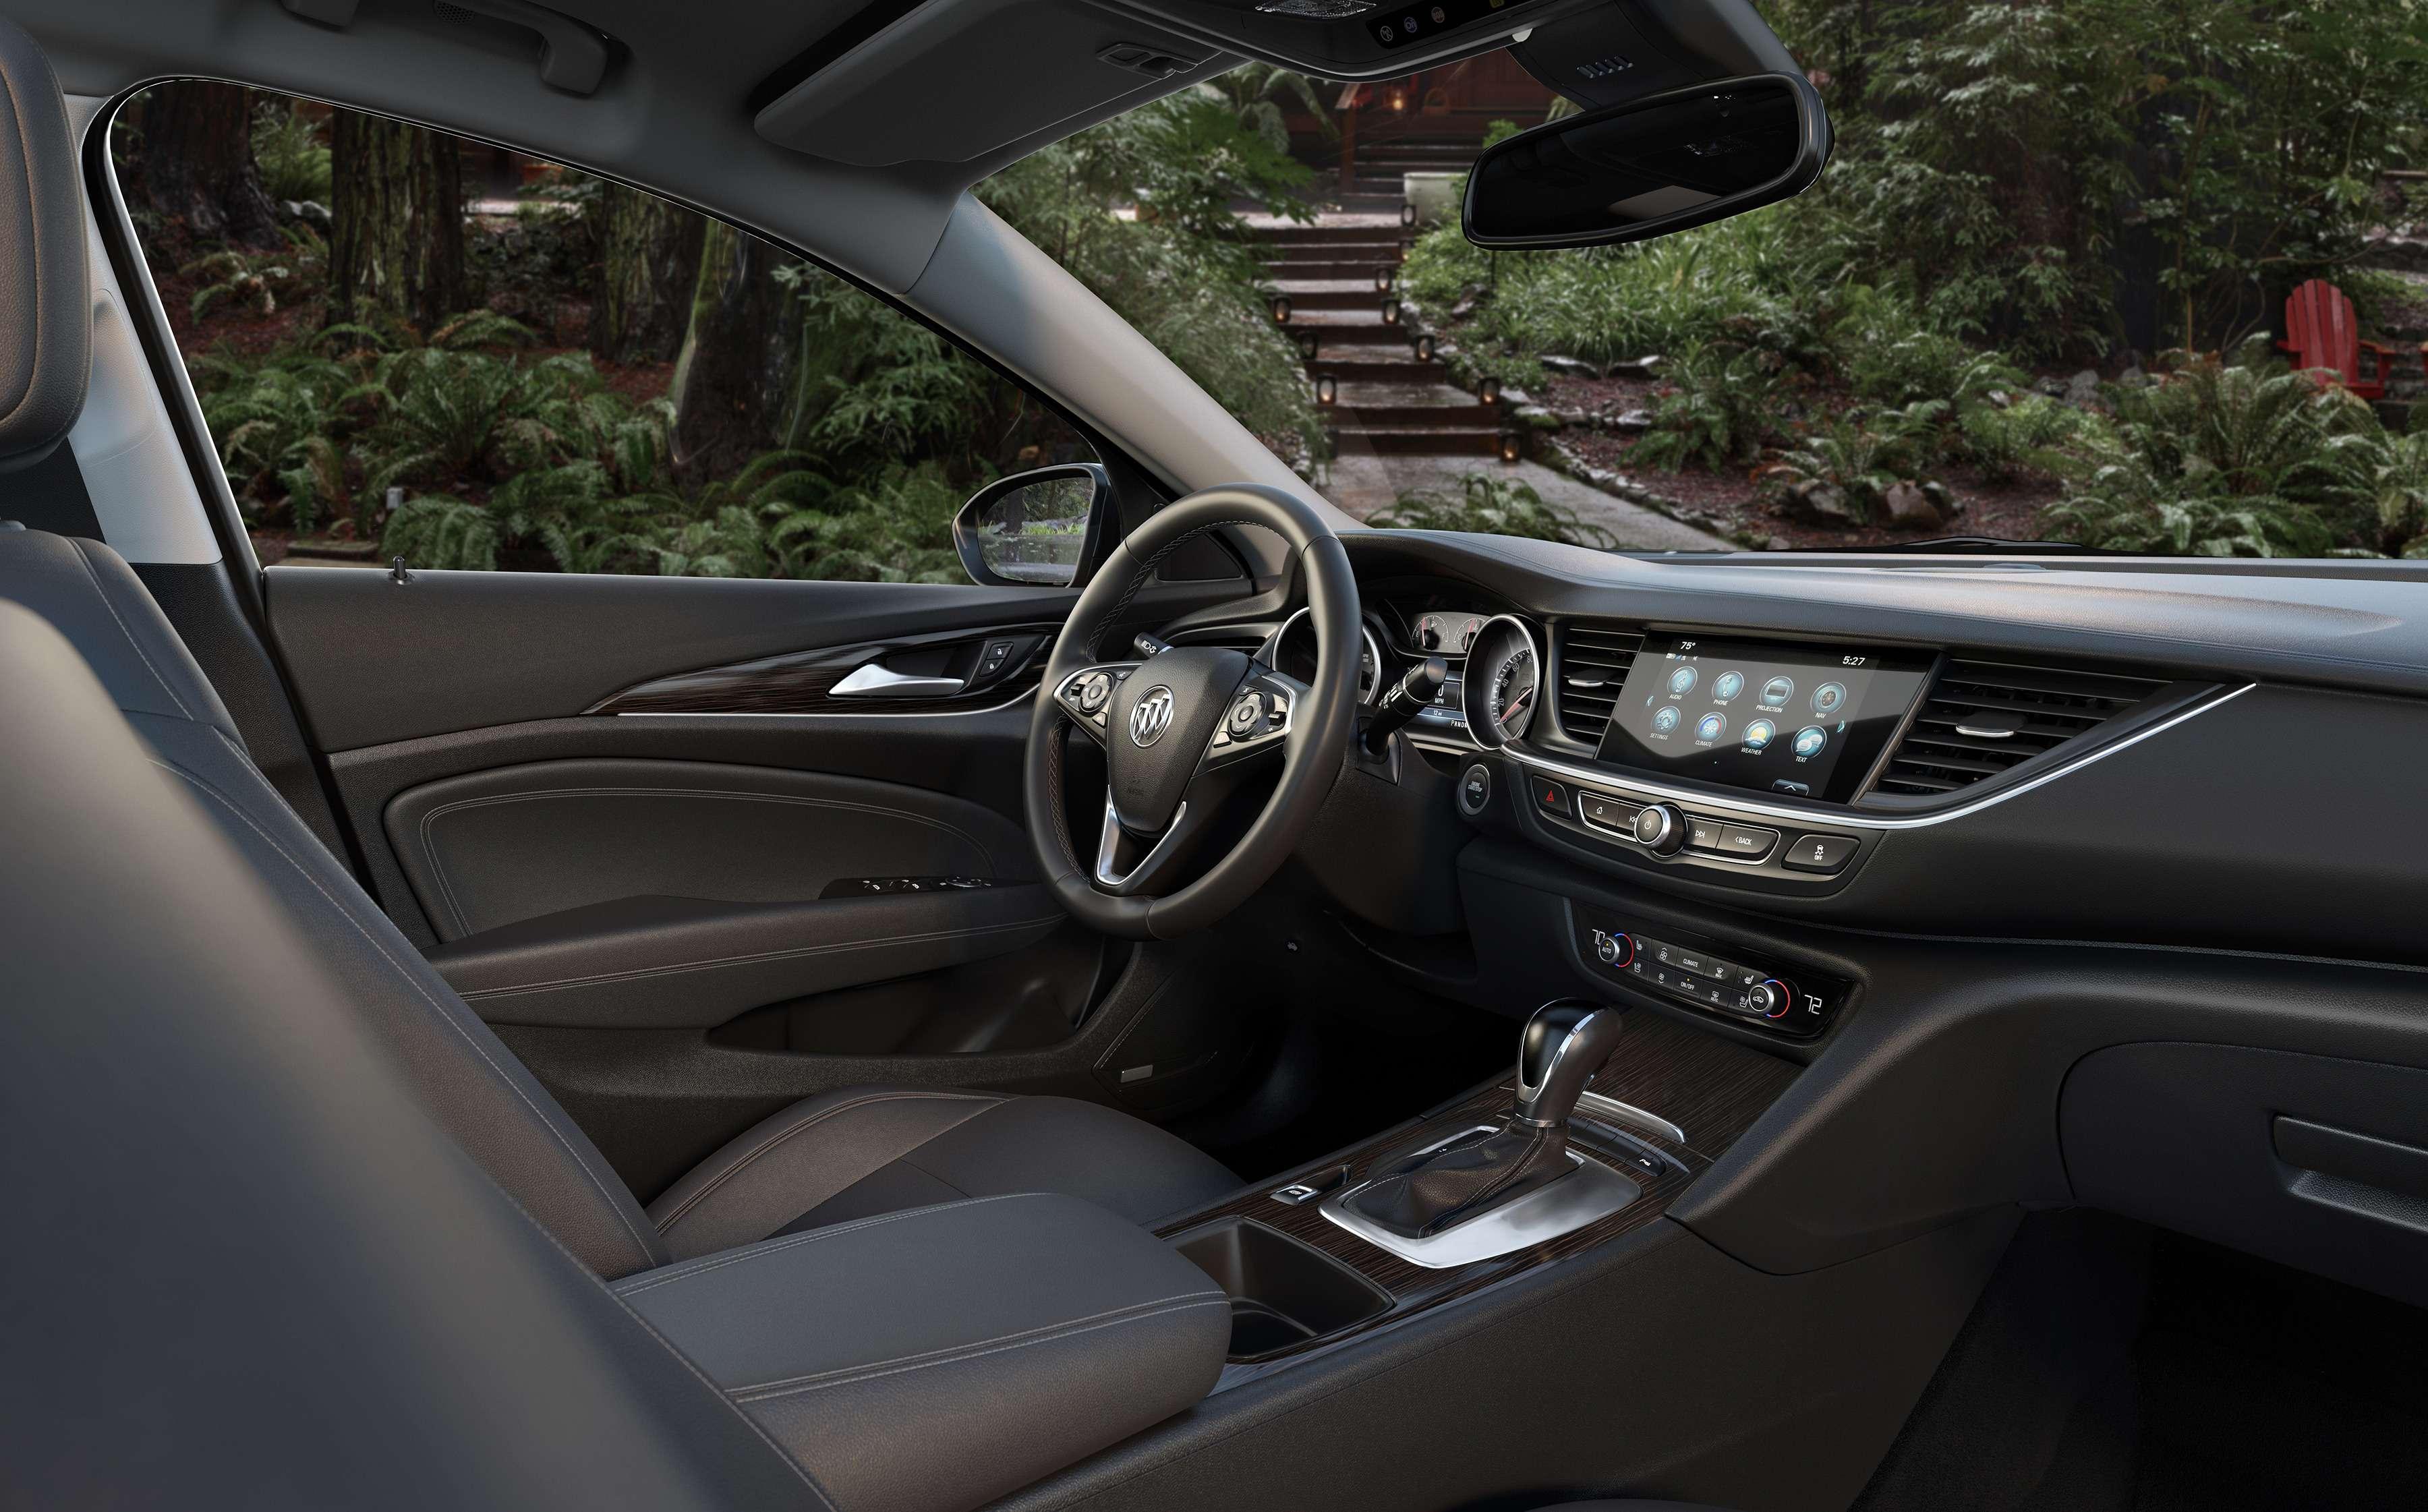 Прощальный клон: представлен Opel Insignia Country Tourer иего копия— фото 732213